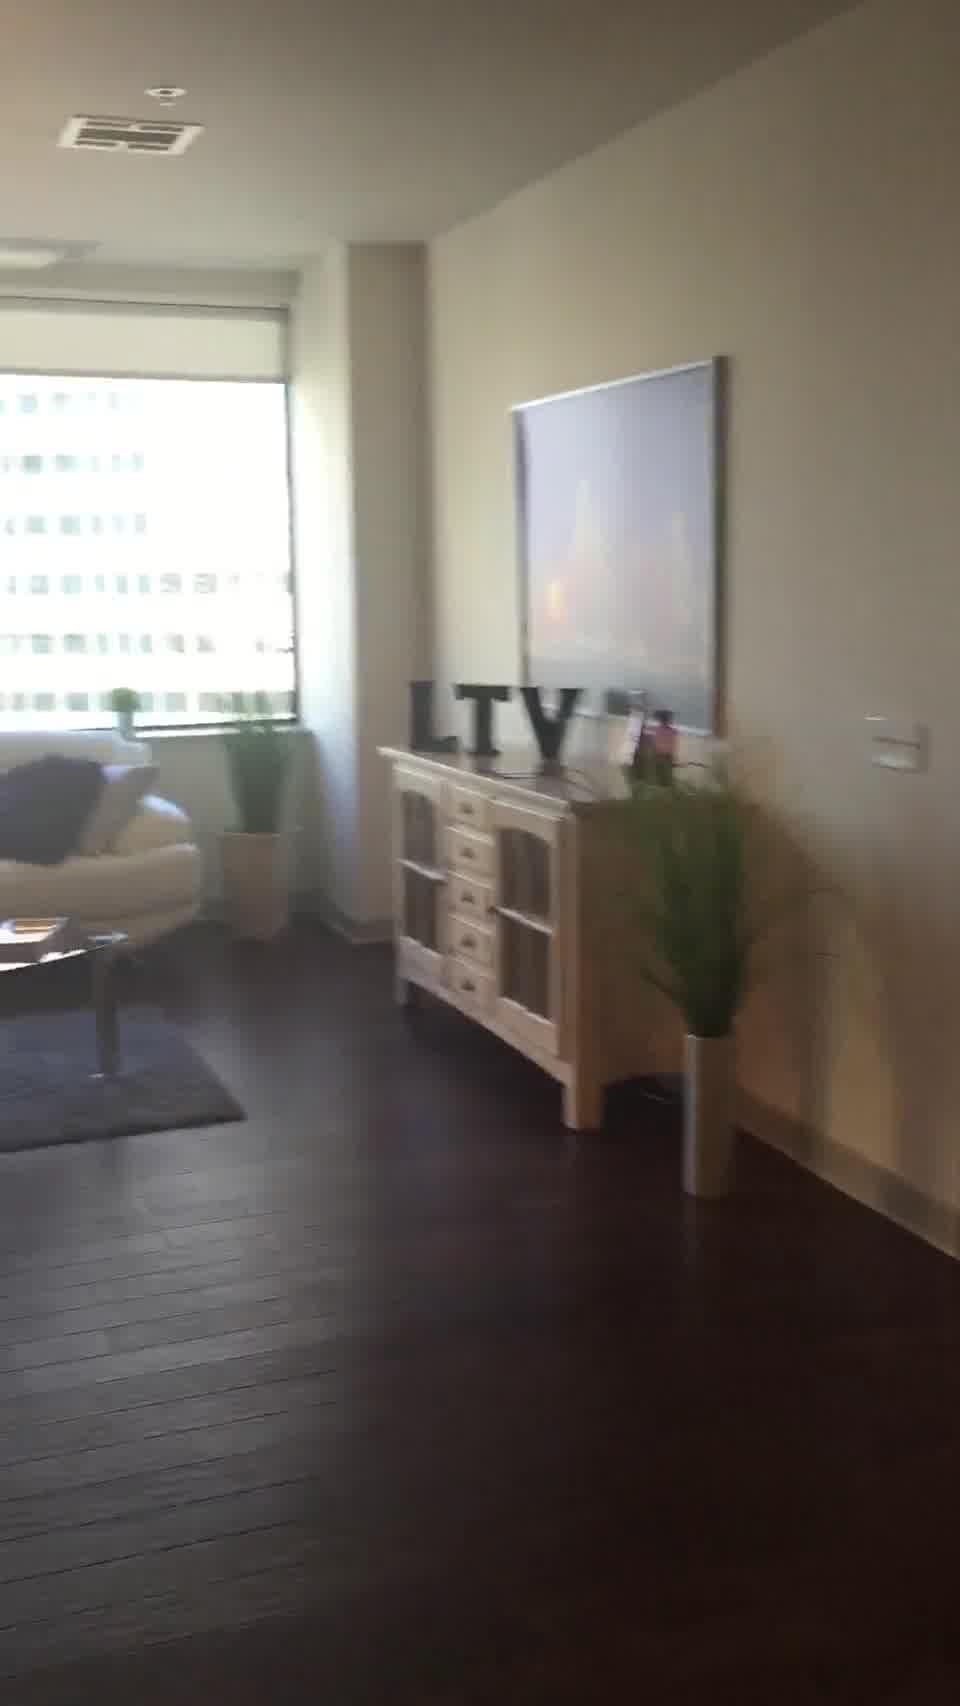 LTV luxury apartements